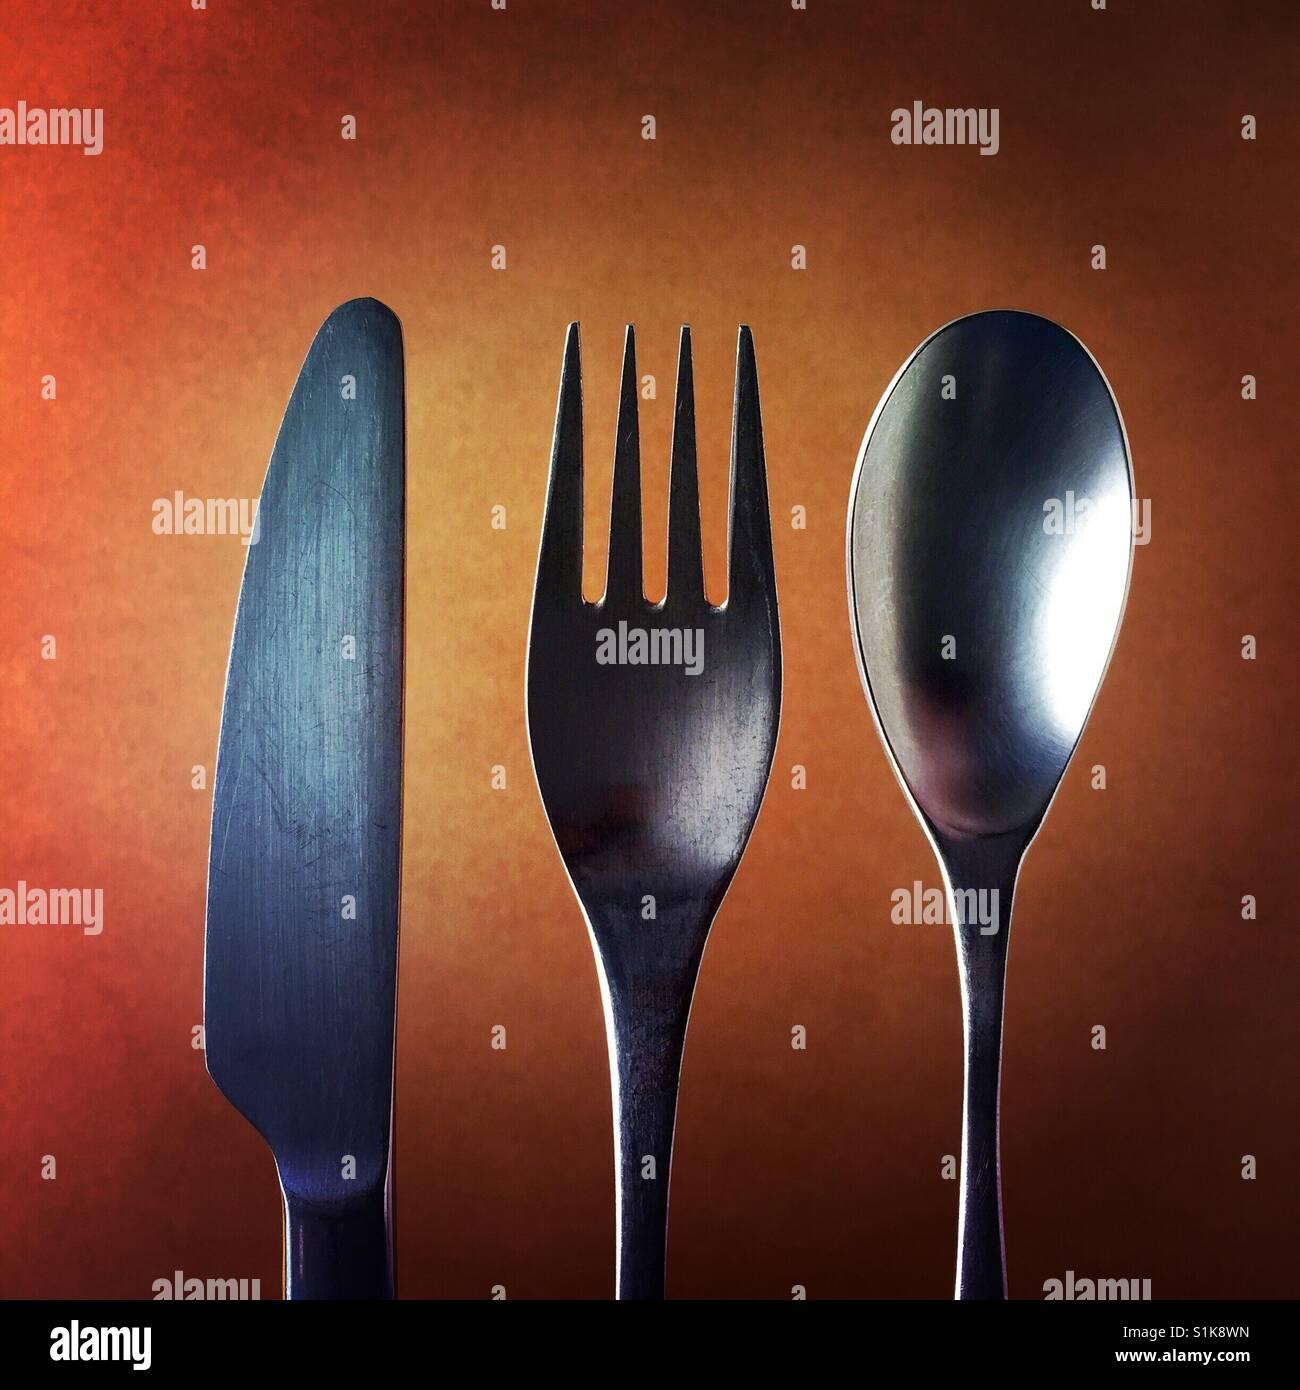 Un gros plan d'un couteau et une fourchette et une cuillère au-dessus d'un fond brun Photo Stock